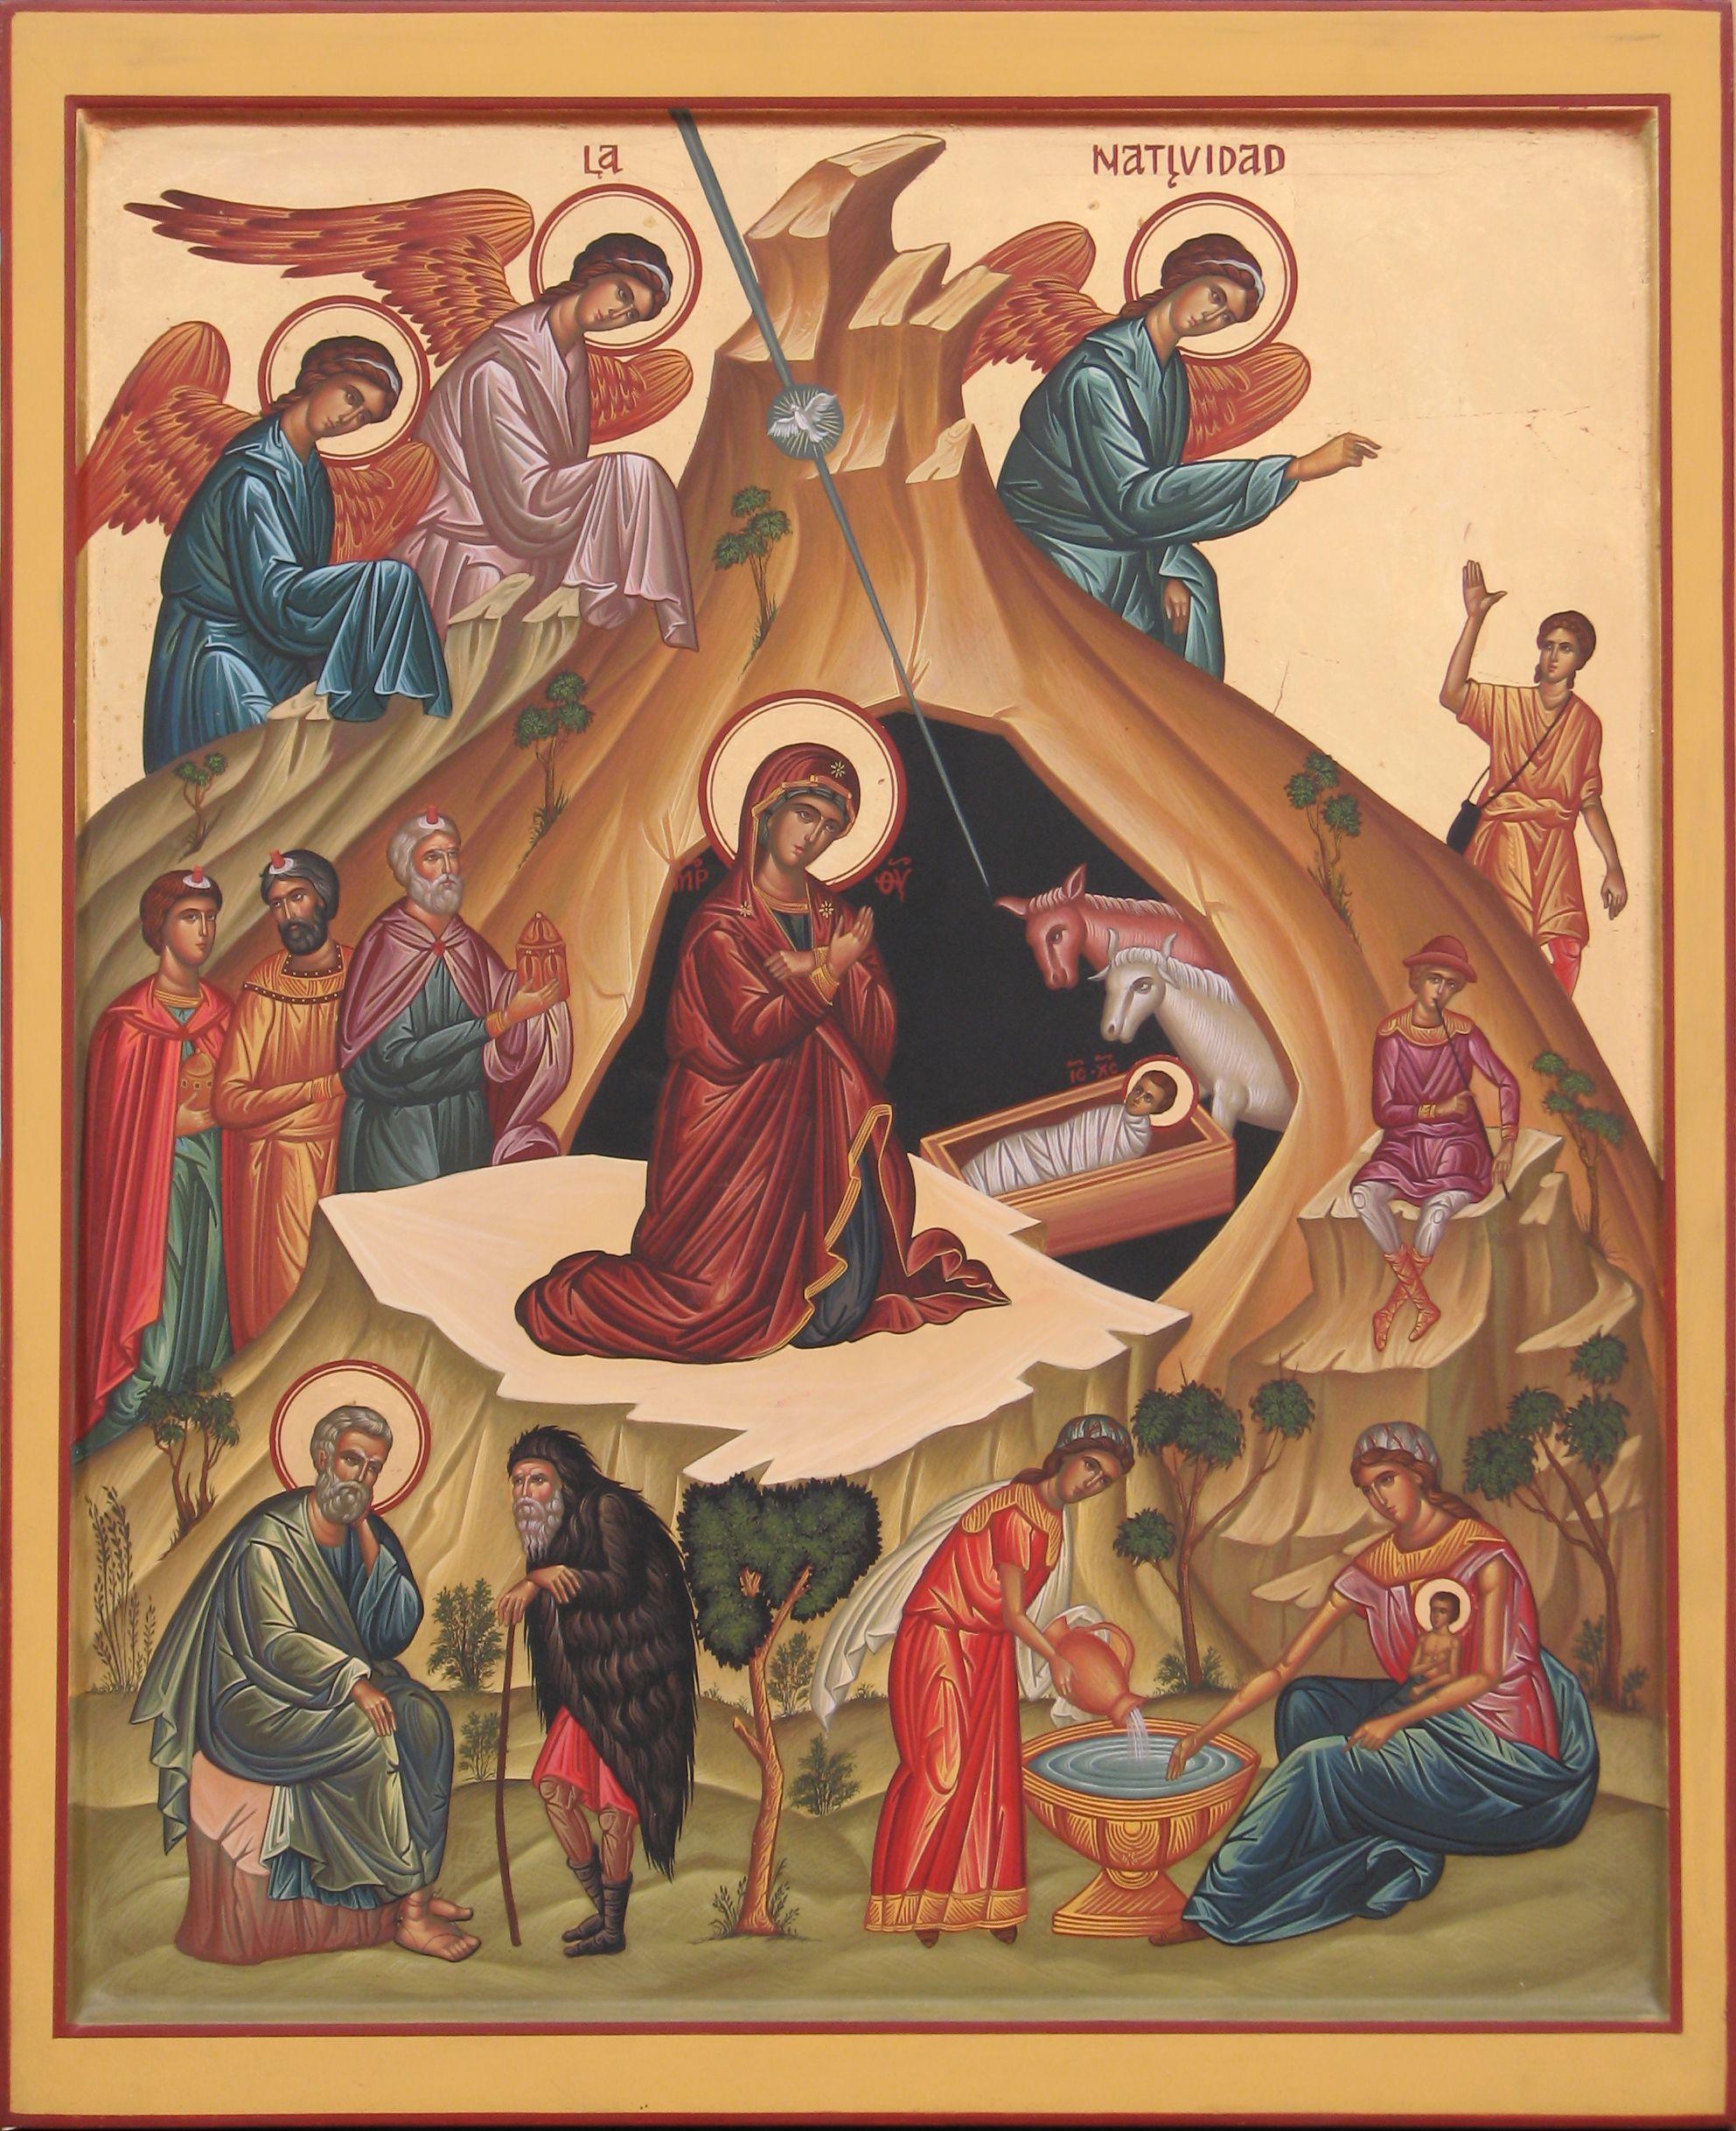 Increíble Páginas Para Colorear Cotidianas Natividad Ilustración ...